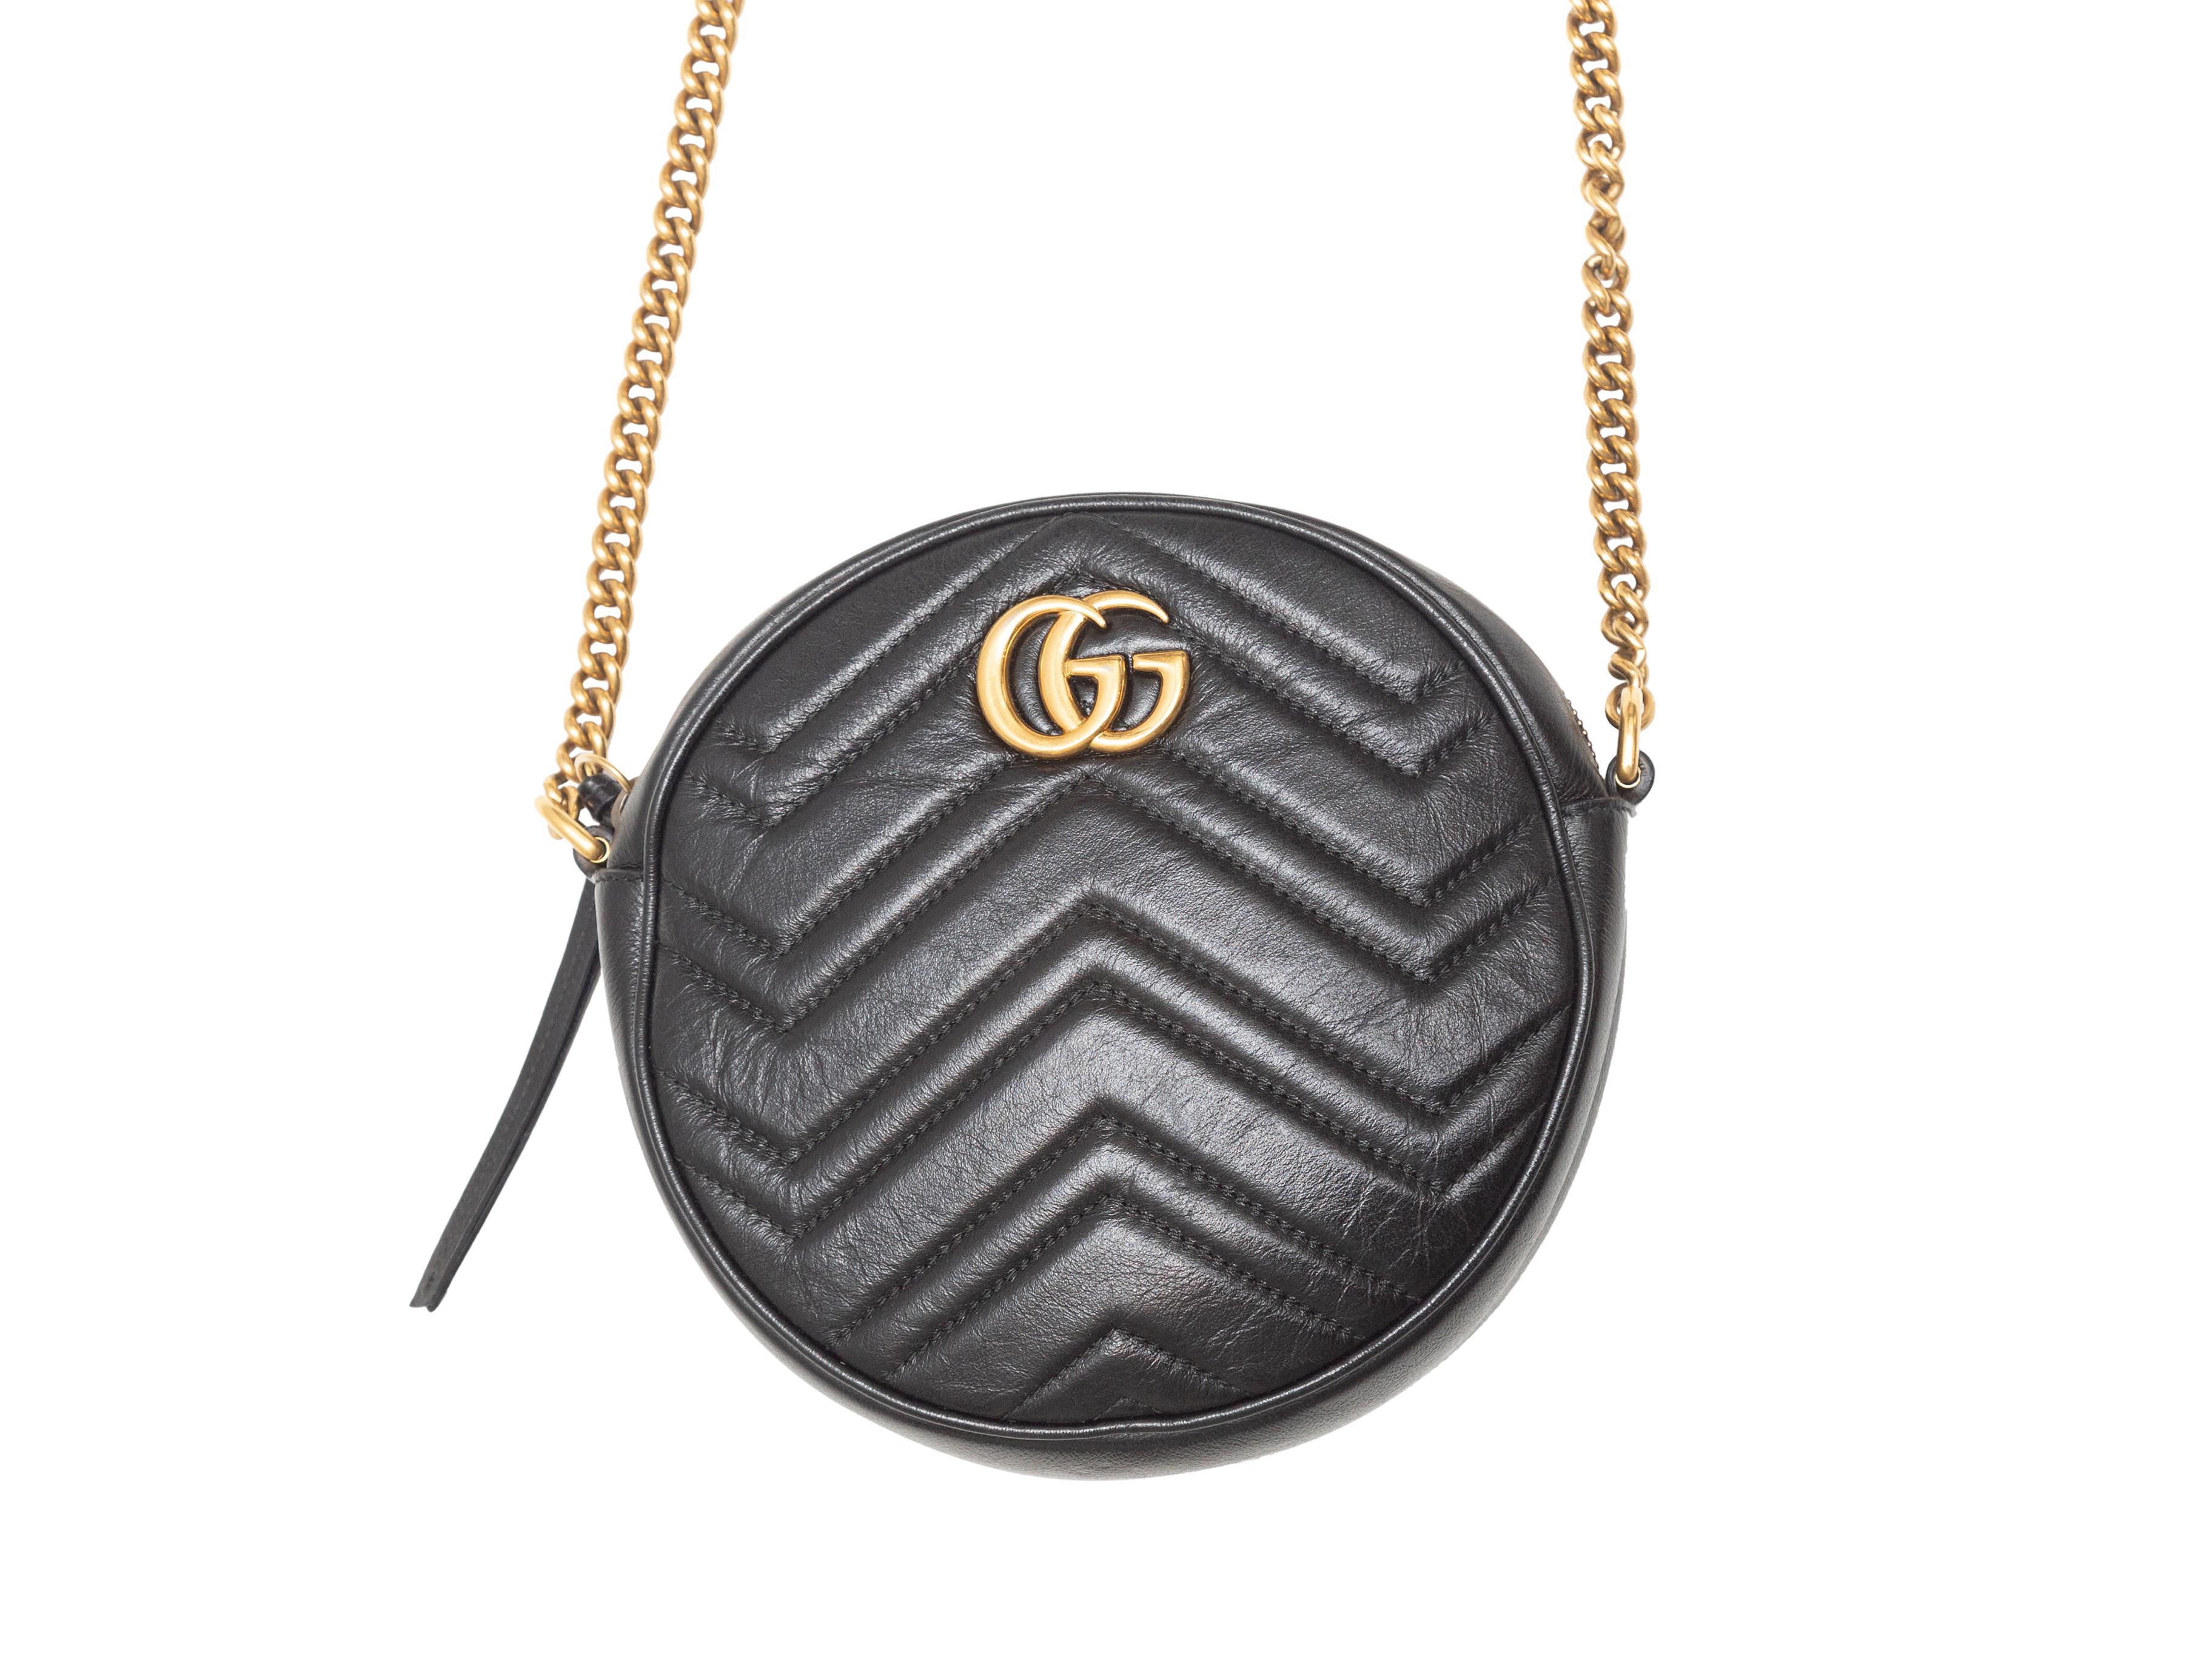 Gucci Black GG Marmont Mini Round Bag